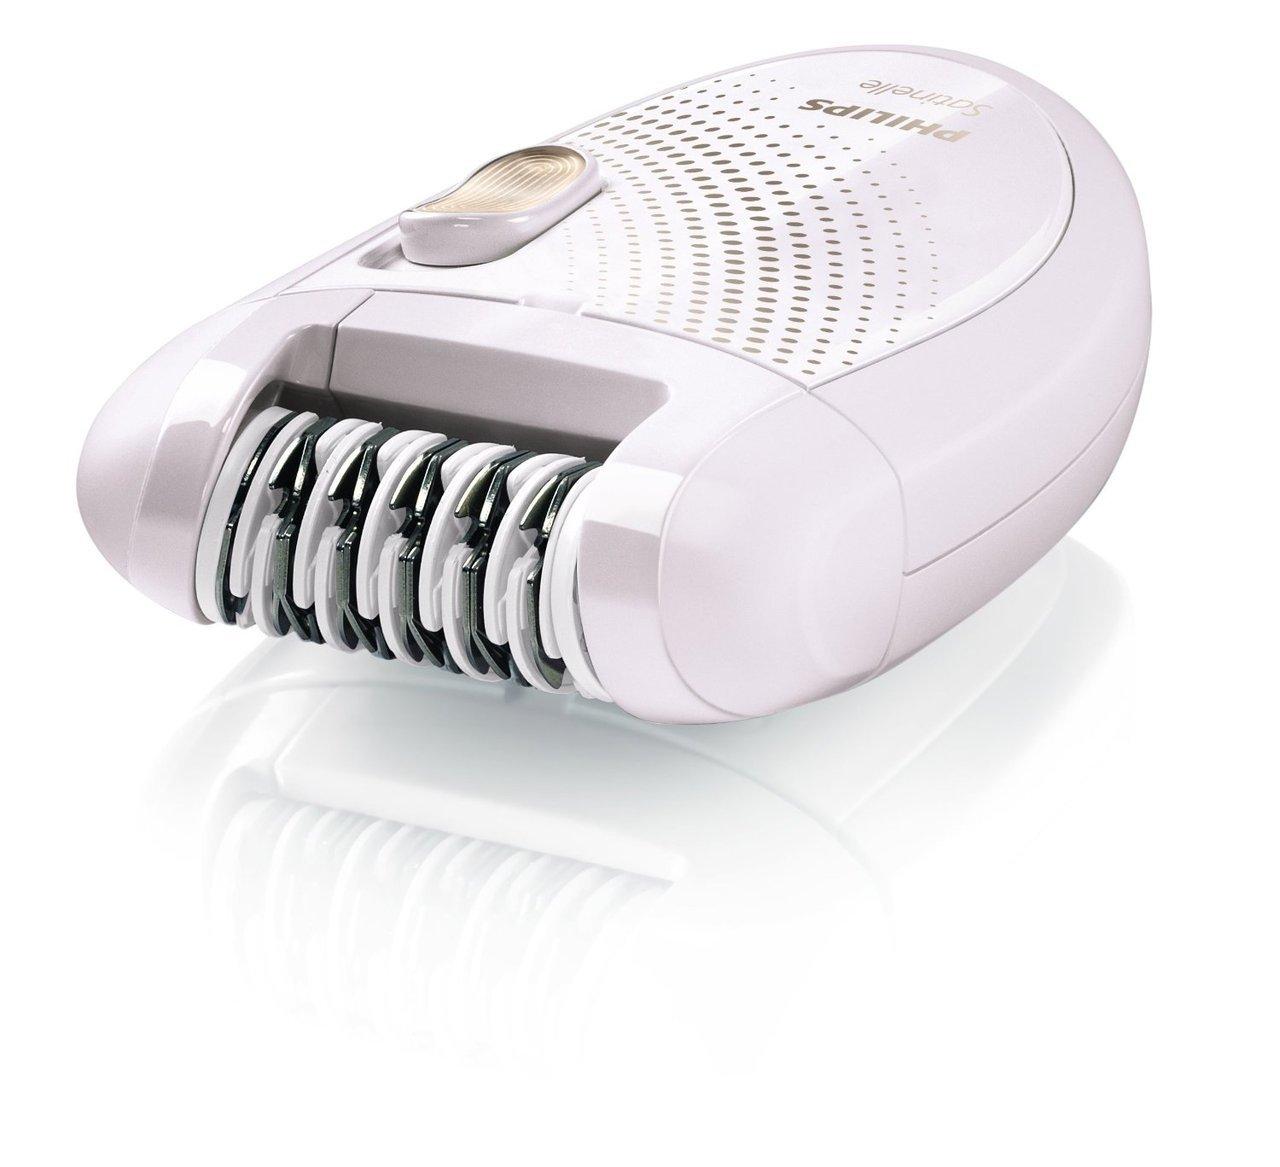 Máy triệt lông Philips có tốt không? 5